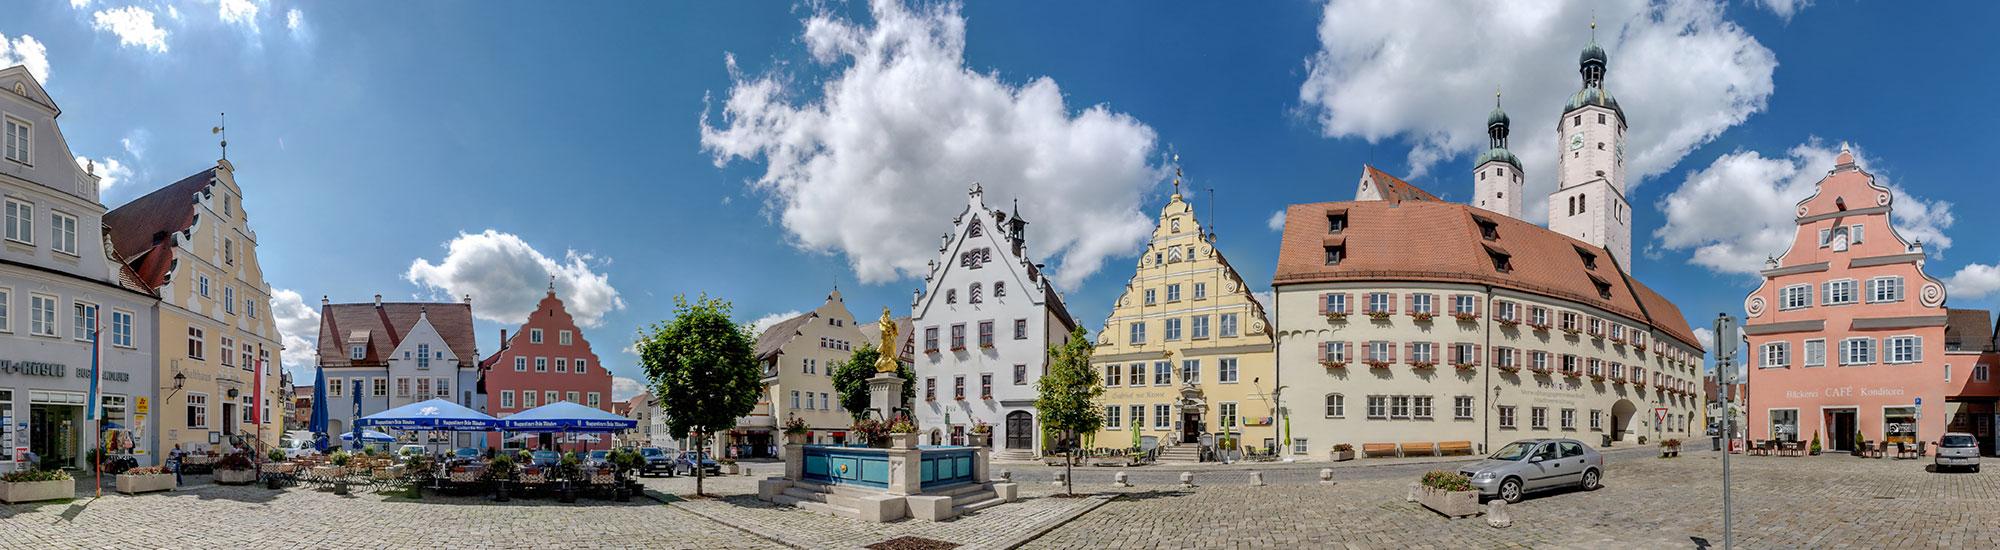 WEM_Marktplatz_01